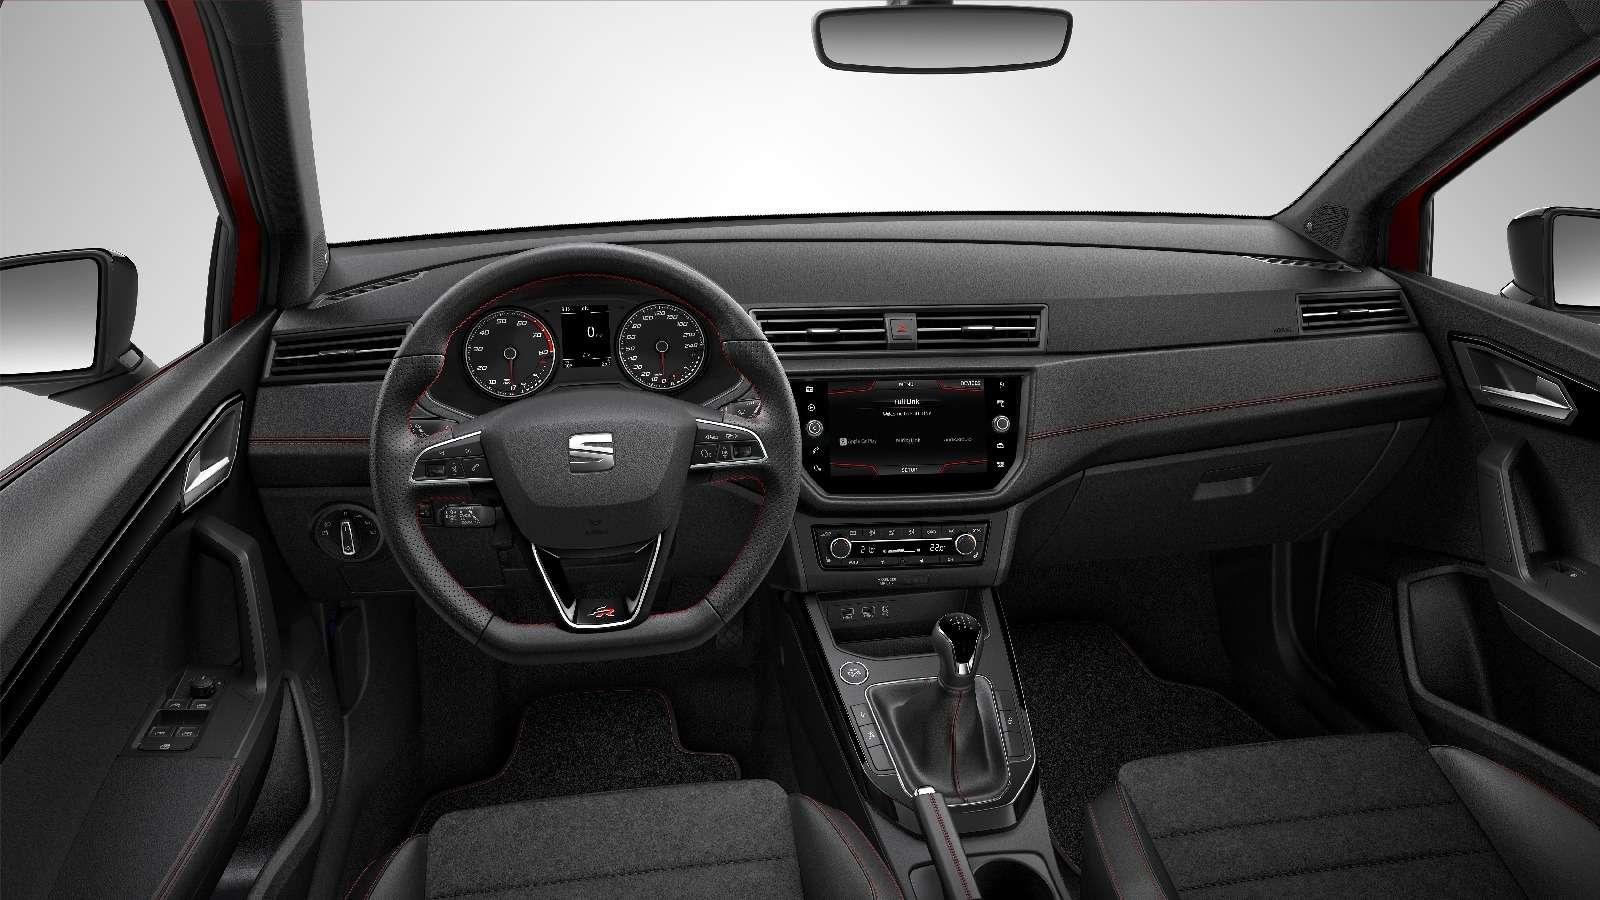 Новый кроссовер Seat— недлянас. ВРоссии будут «дубли» отШкоды и/или Фольксвагена— фото 768811